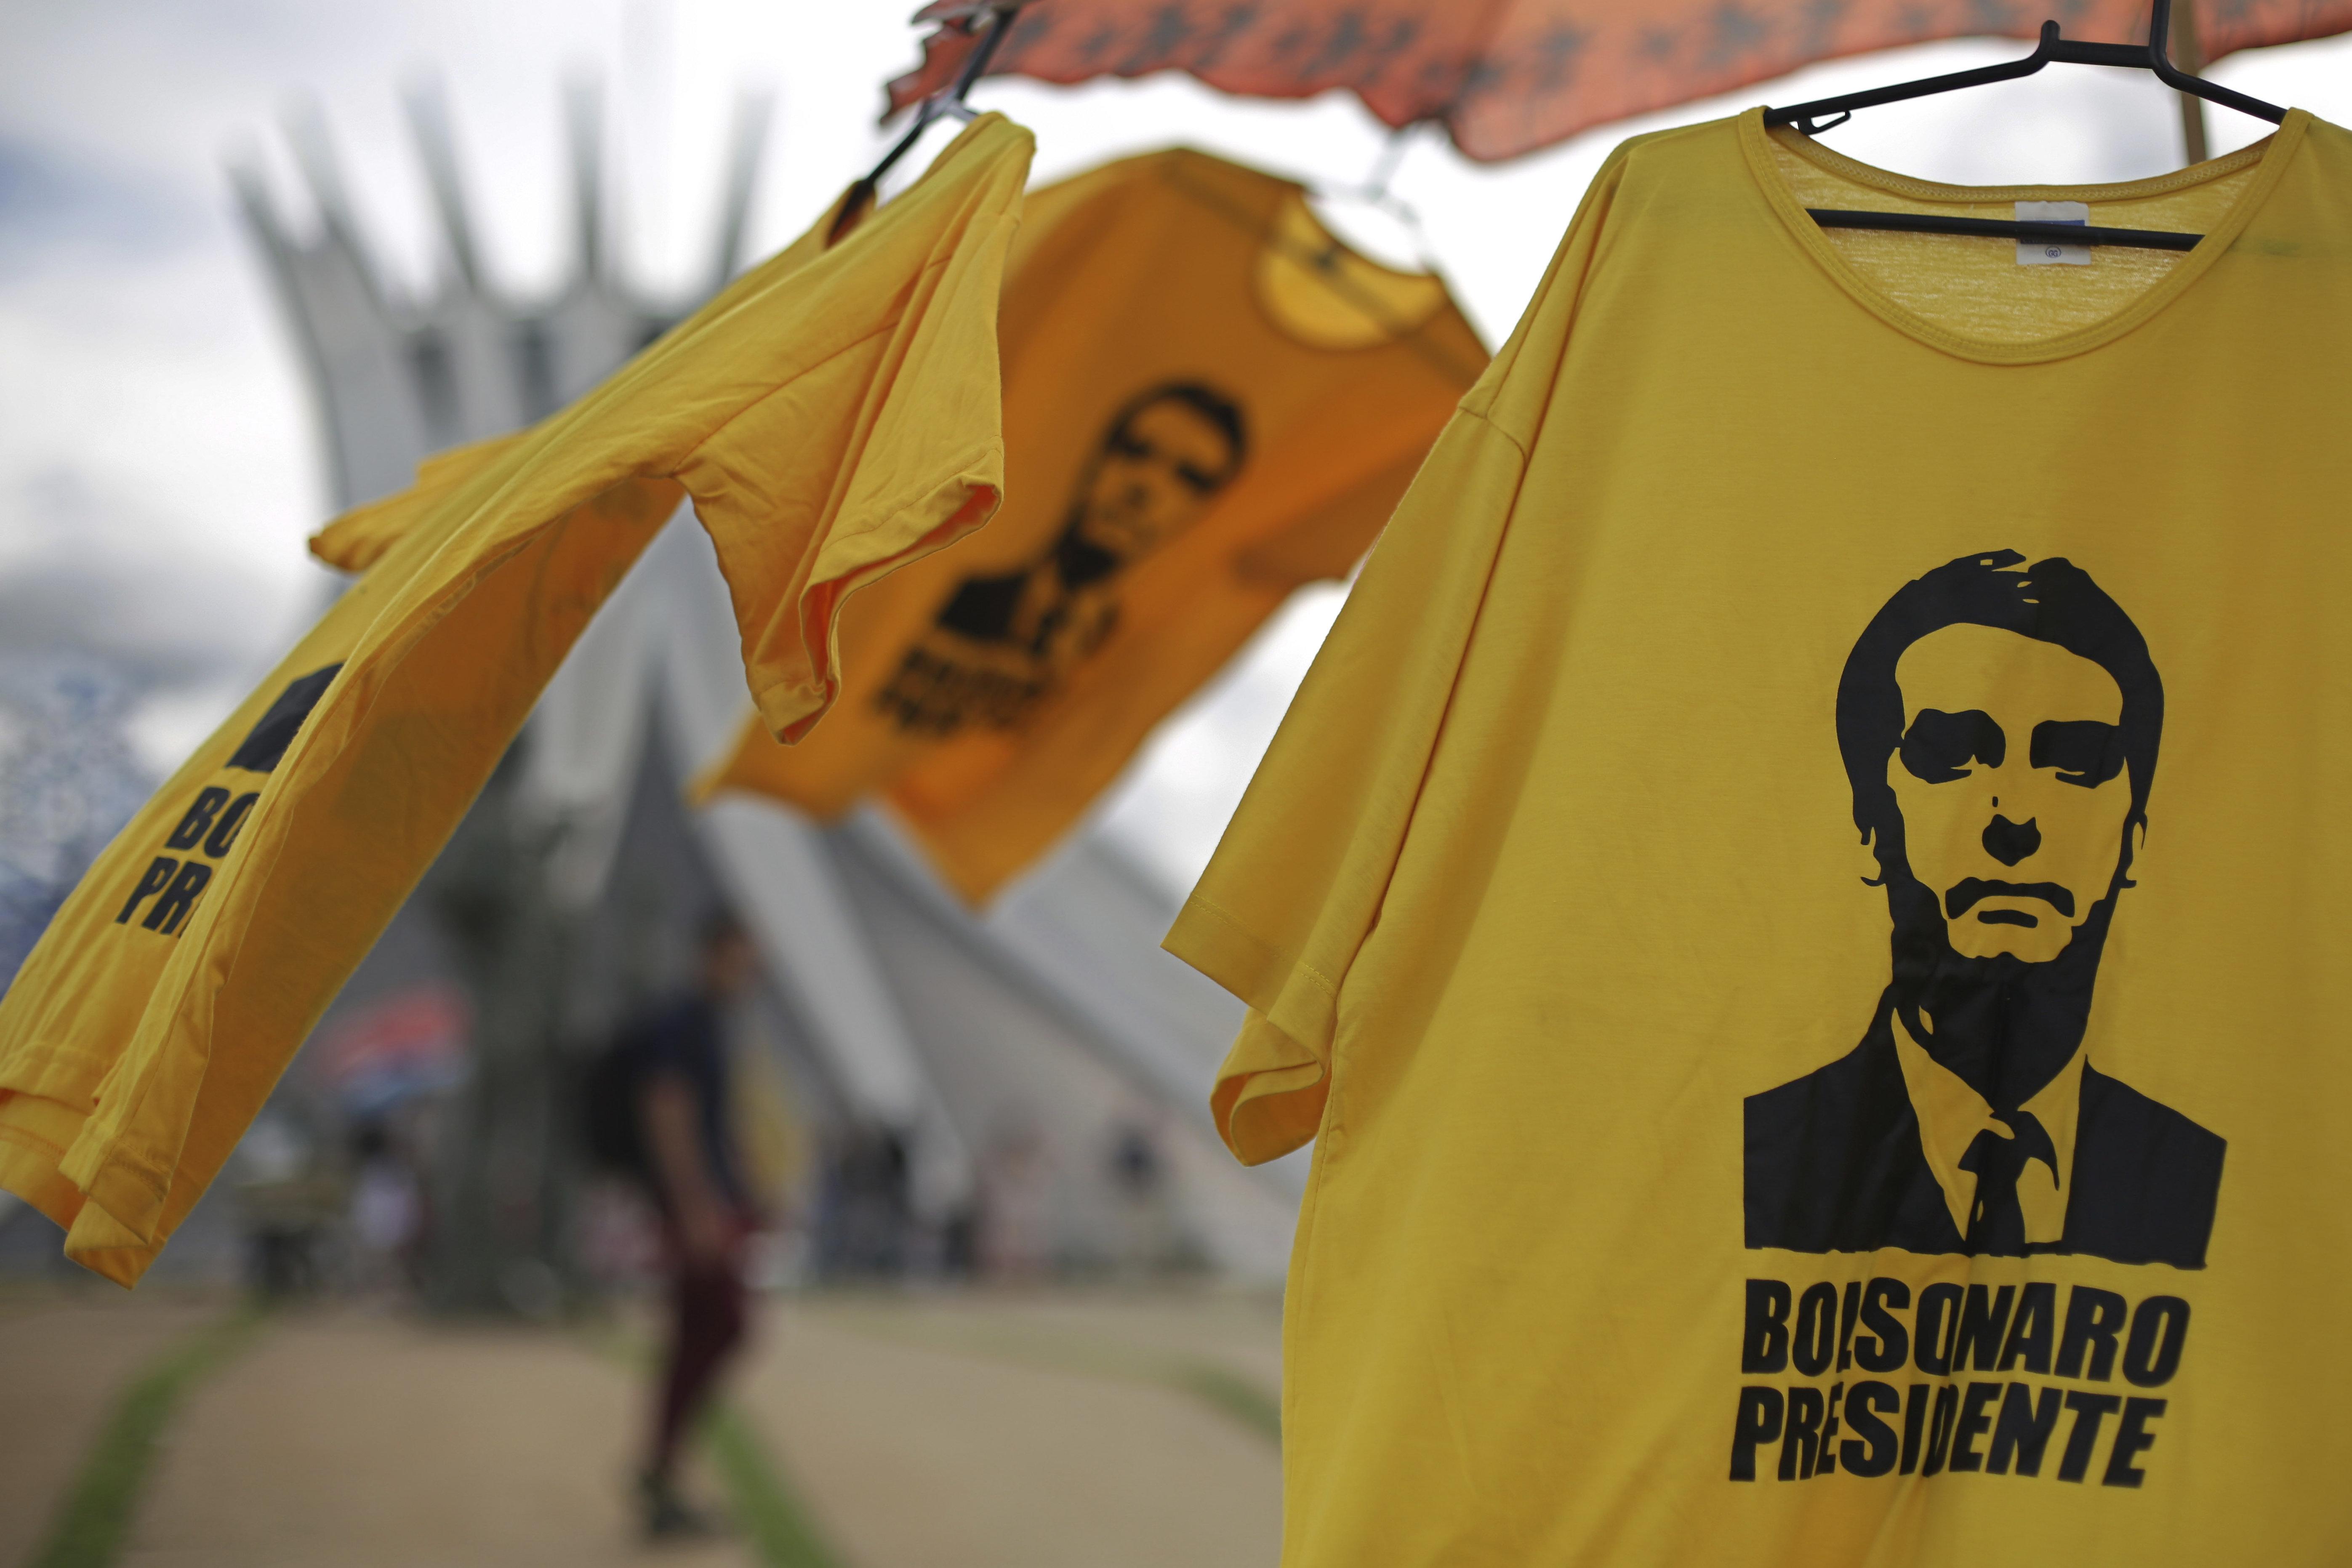 Bolsonaro devient président, le Brésil bascule dans